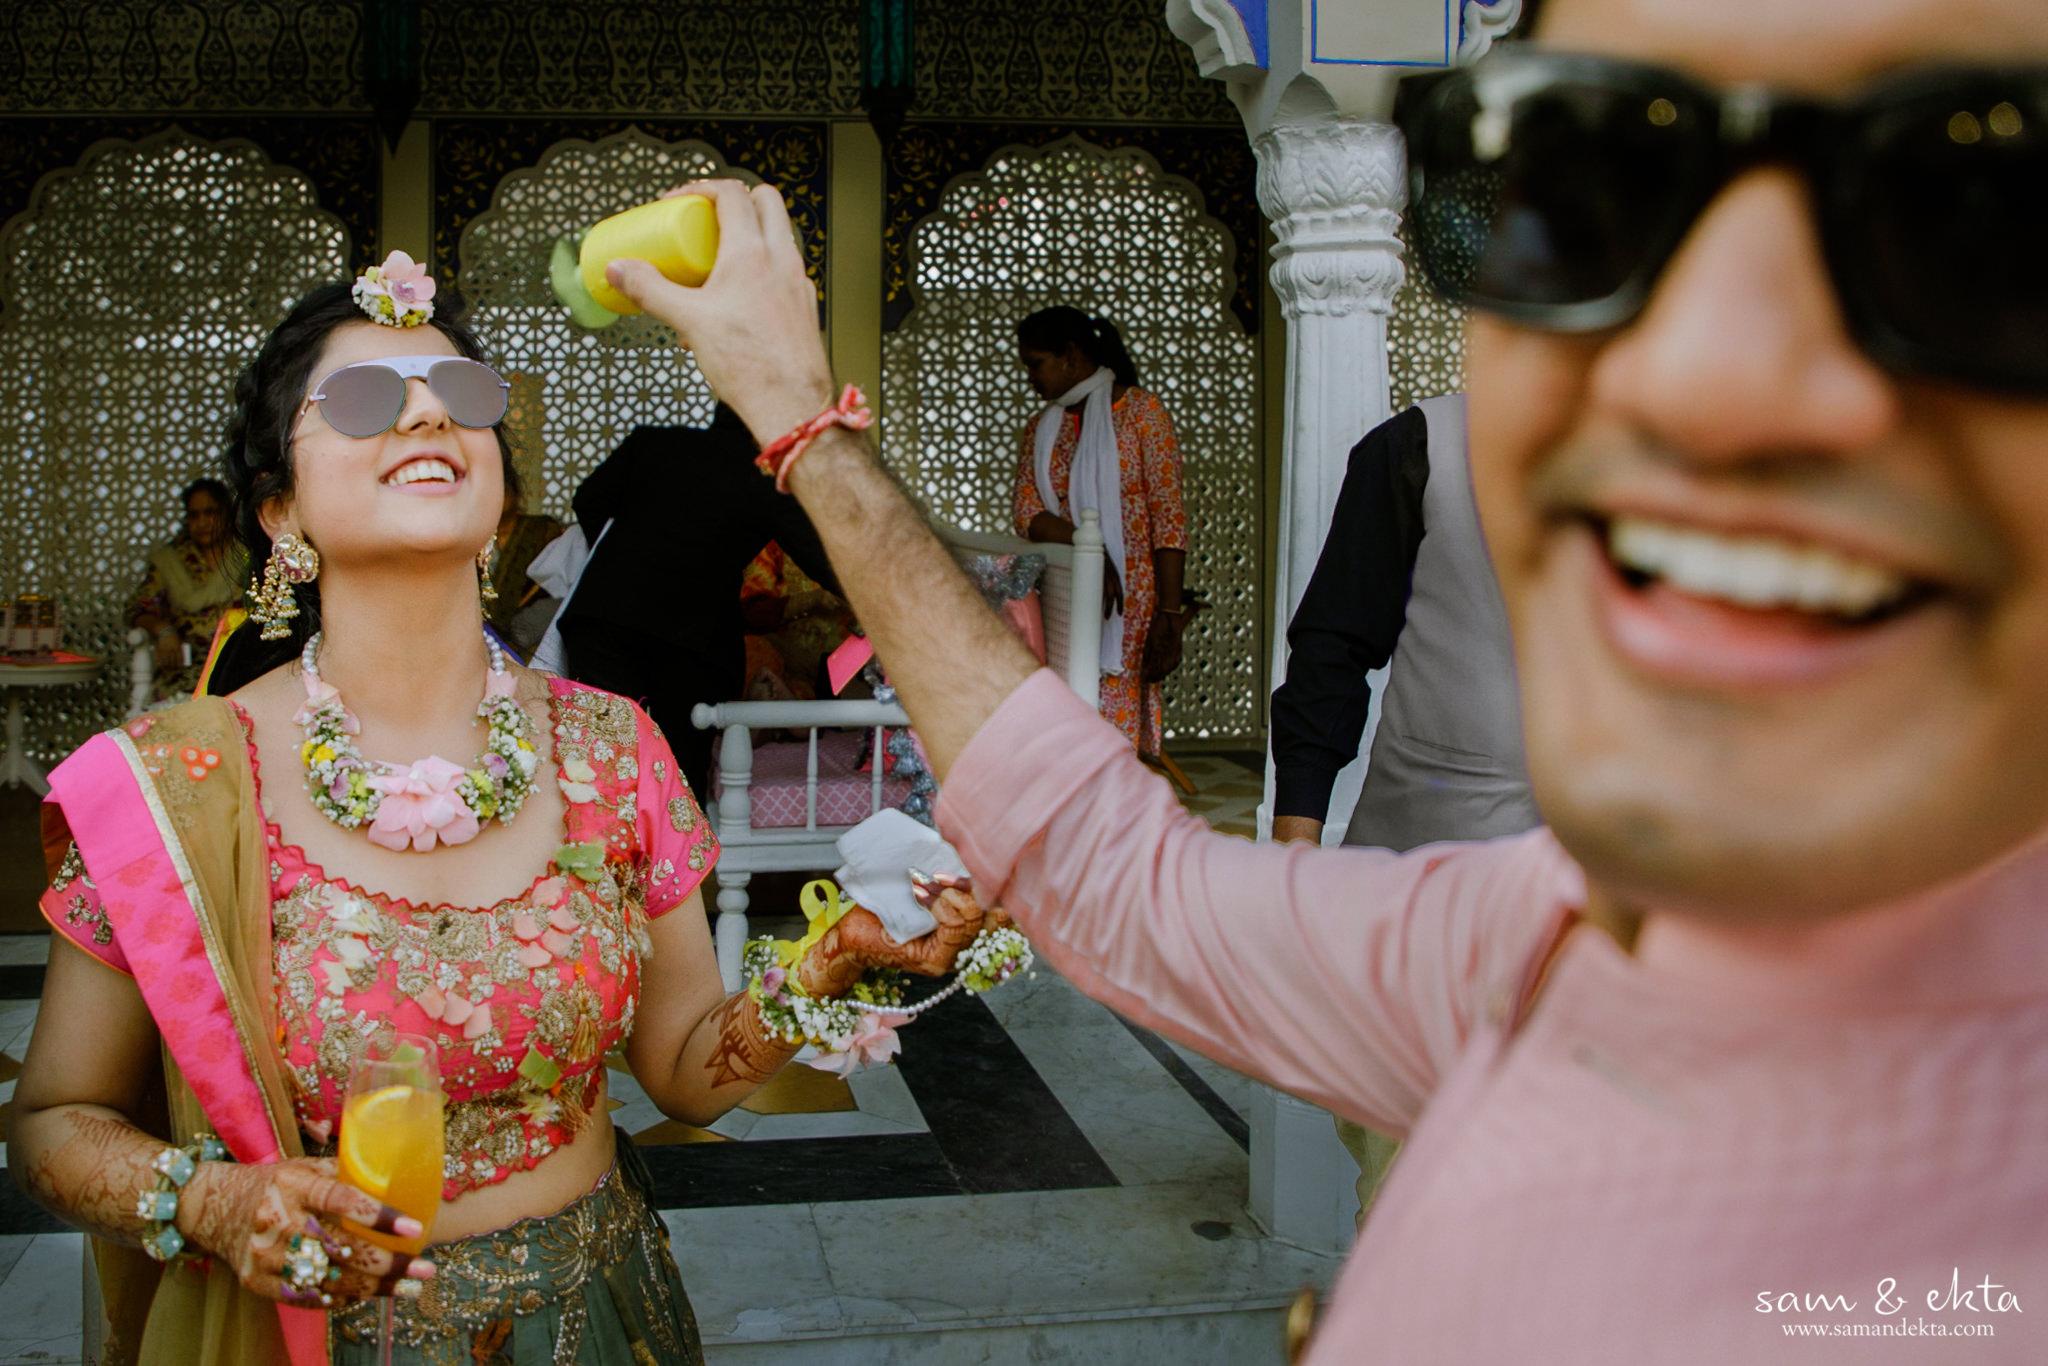 R&R_Marriott Jaipur_www.samandekta.com-26.jpg